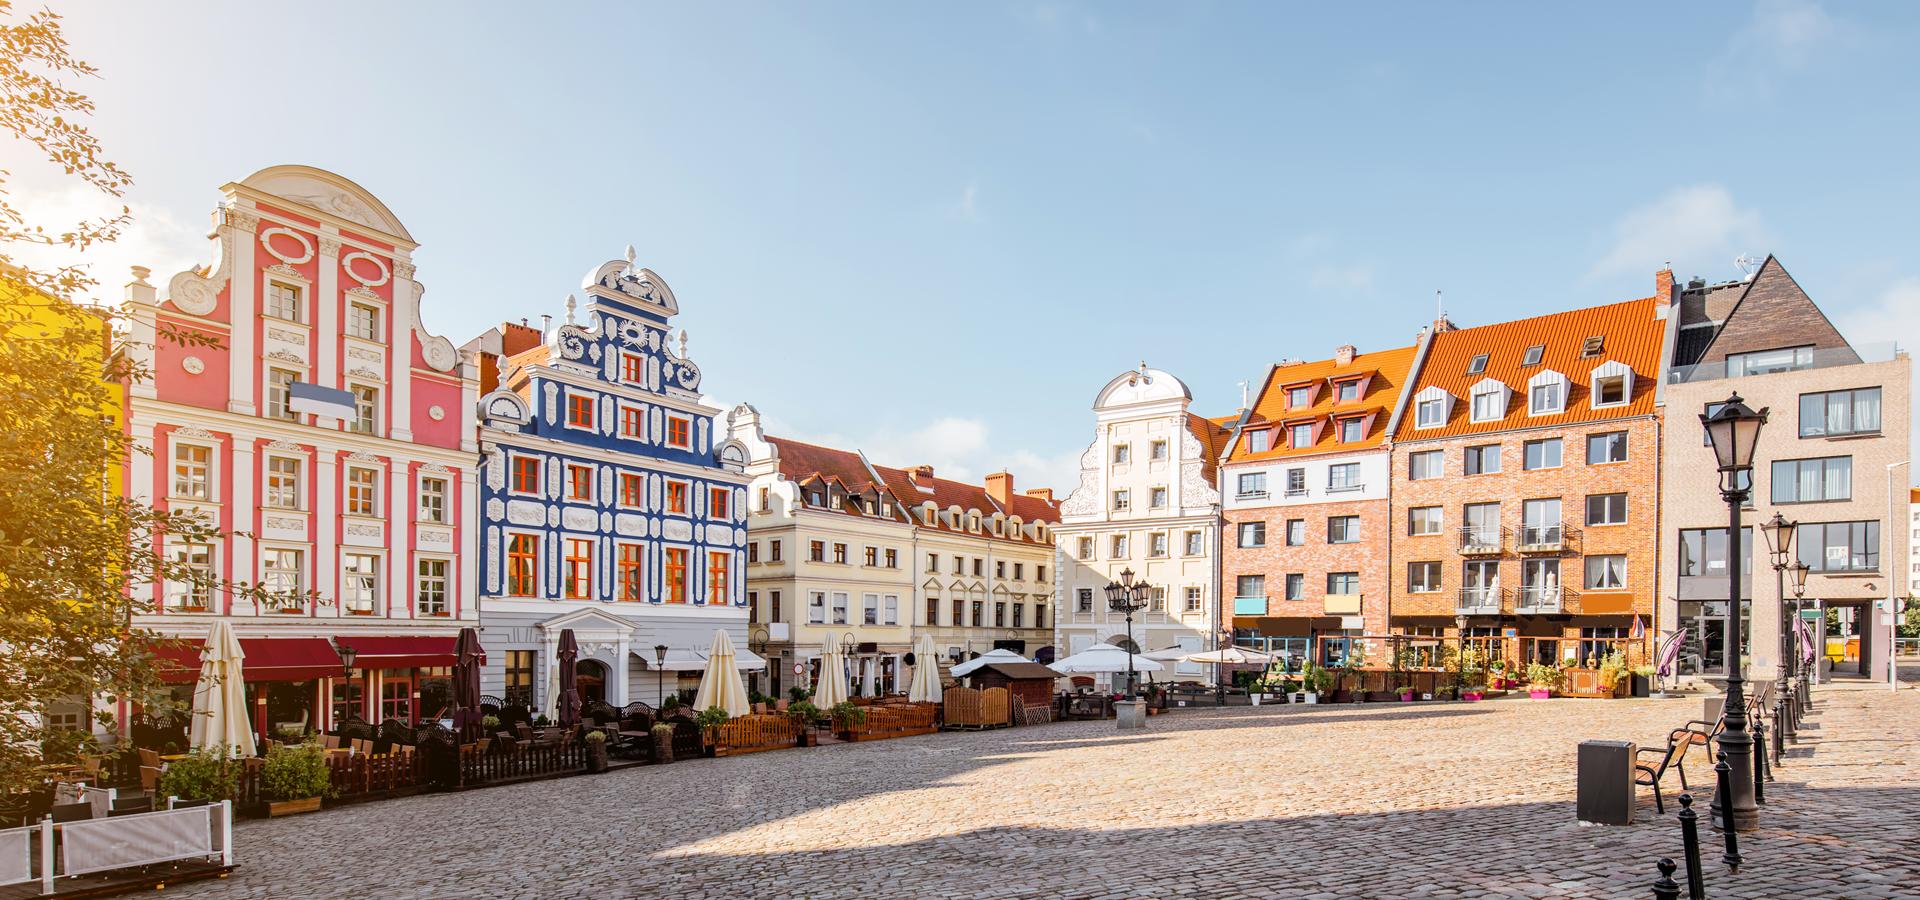 Peer-to-peer advisory in Szczecin, Poland